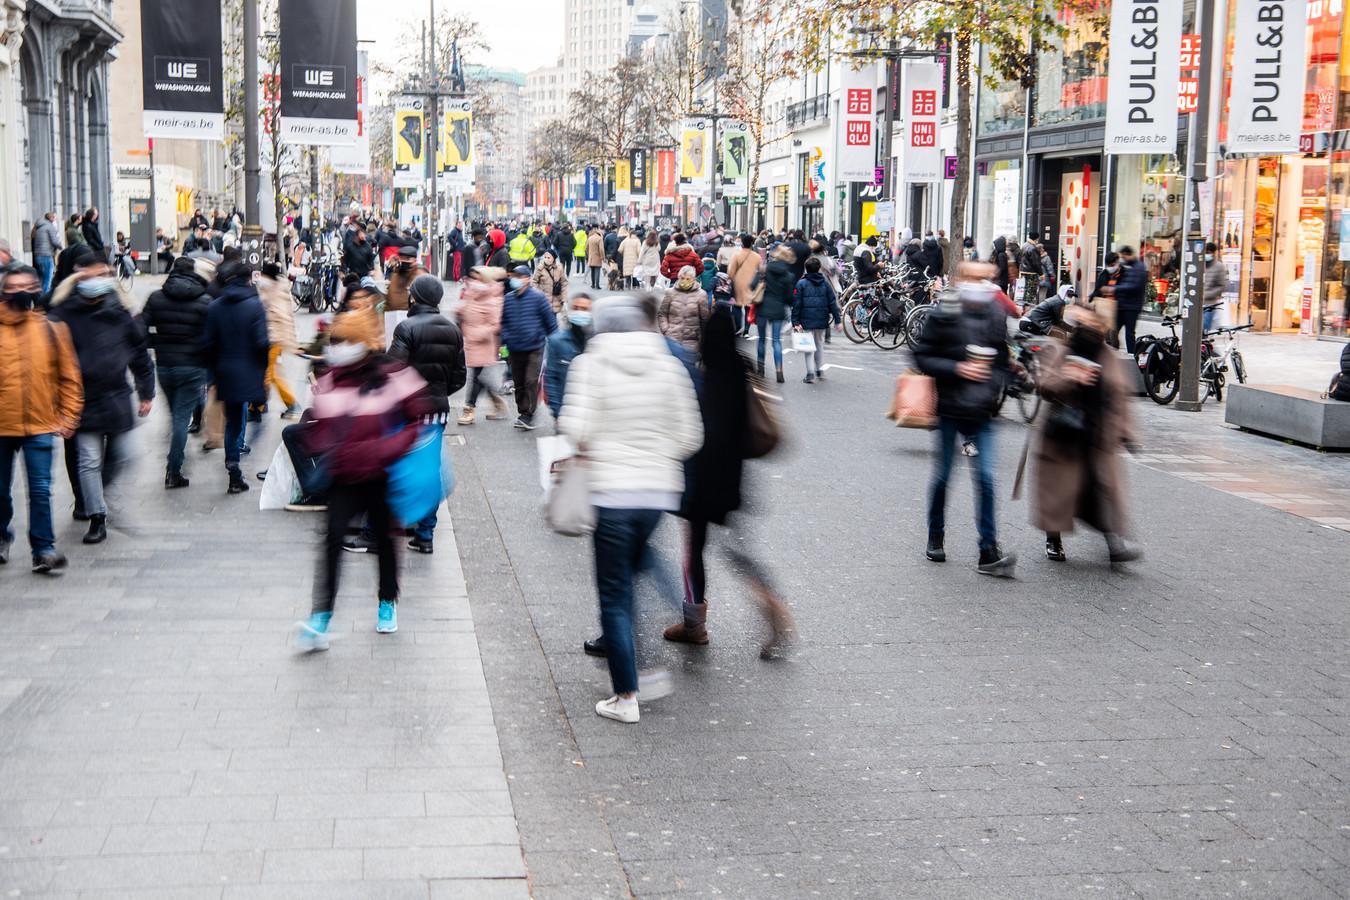 Shoppers op de Meir, de Antwerpse winkelstraat is ook bij heel veel Nederlanders geliefd.